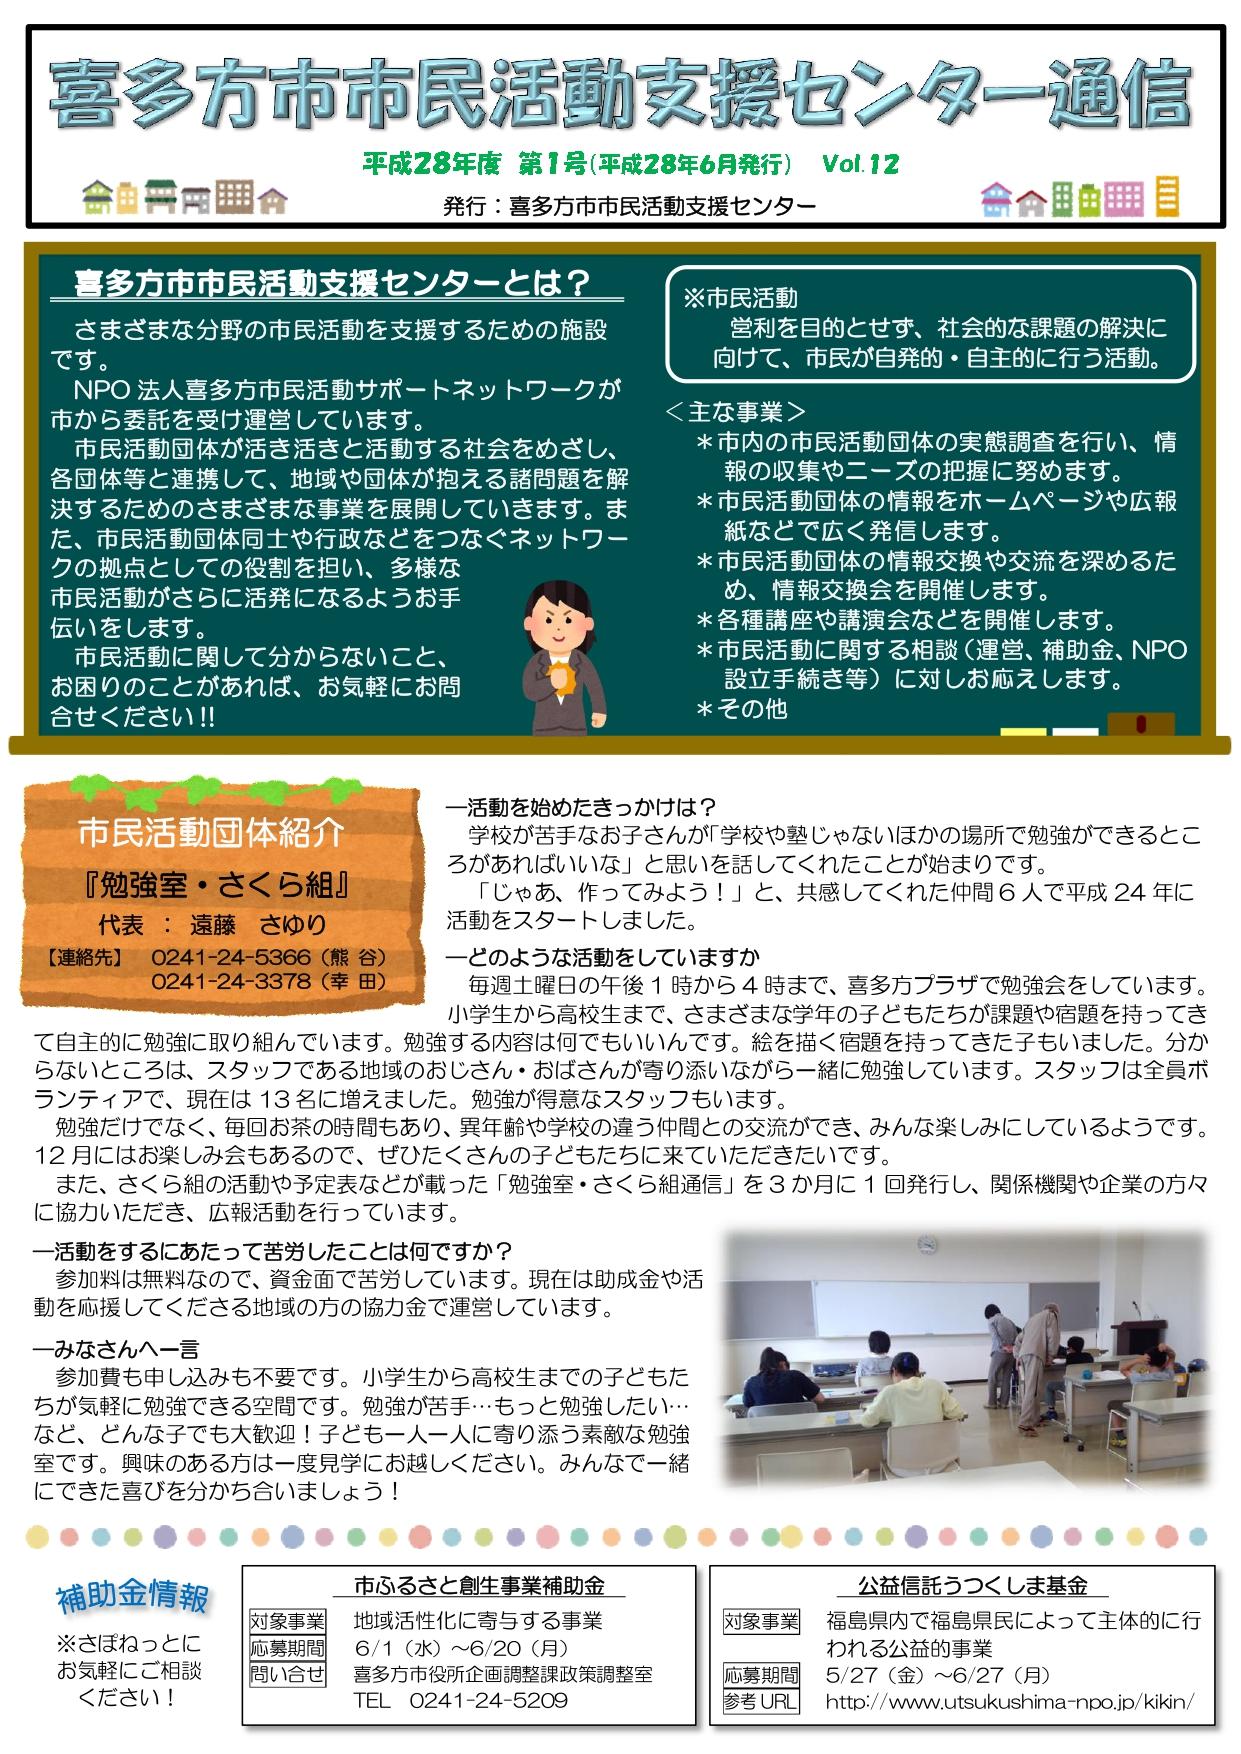 喜多方市市民活動支援センター通信 平成28年度第1号(Vol.12)